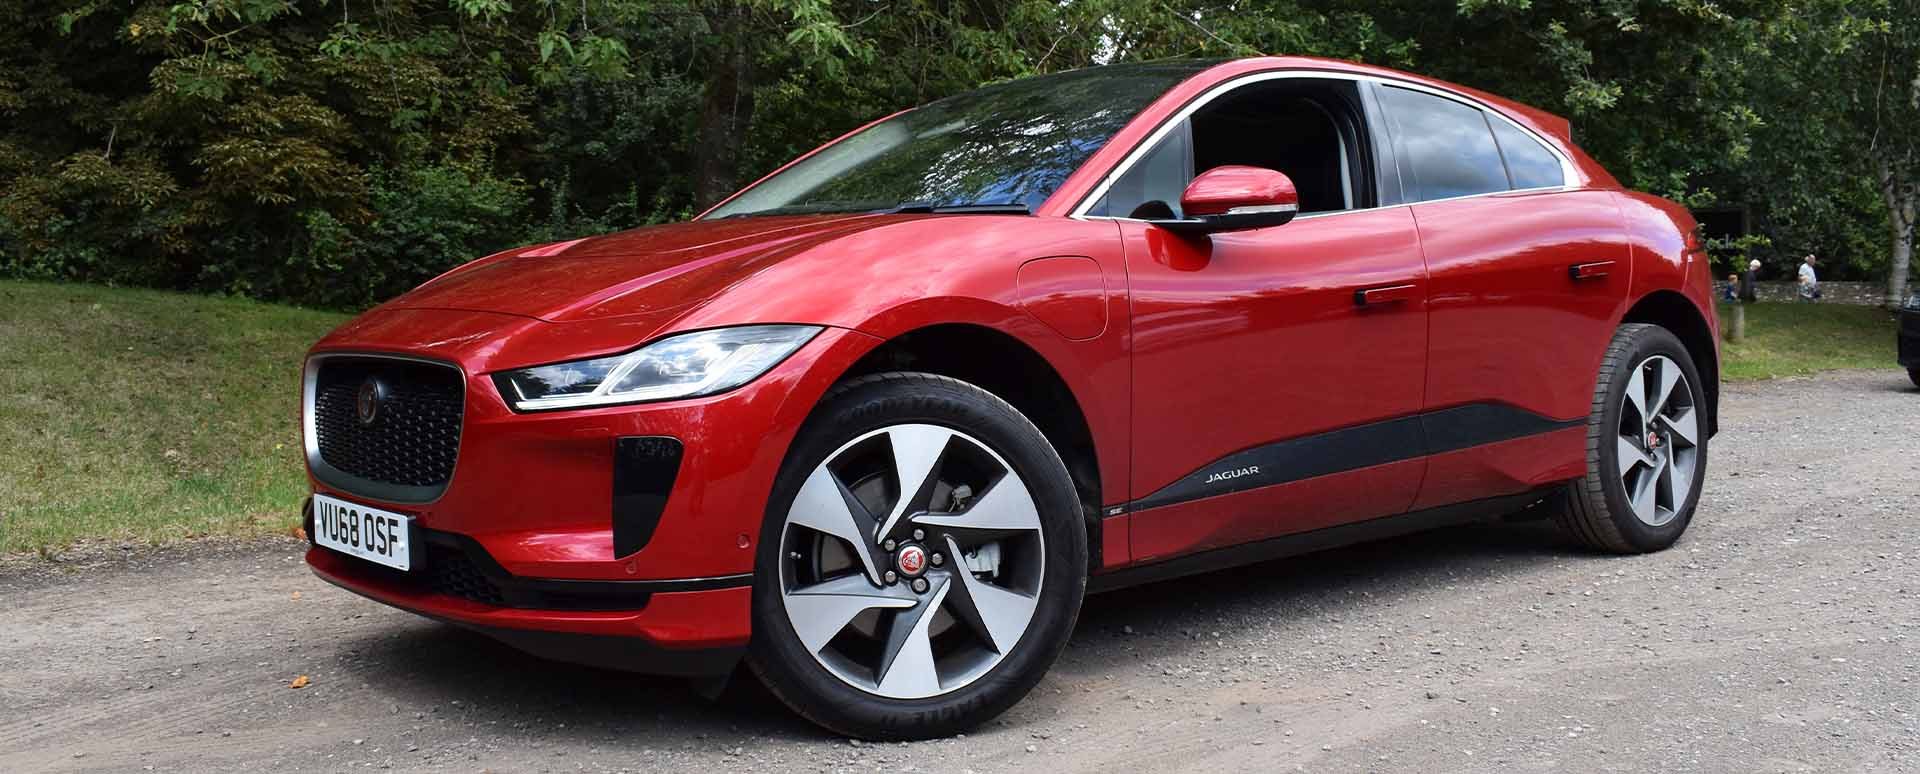 Jaguar I-PACE Front Quarter